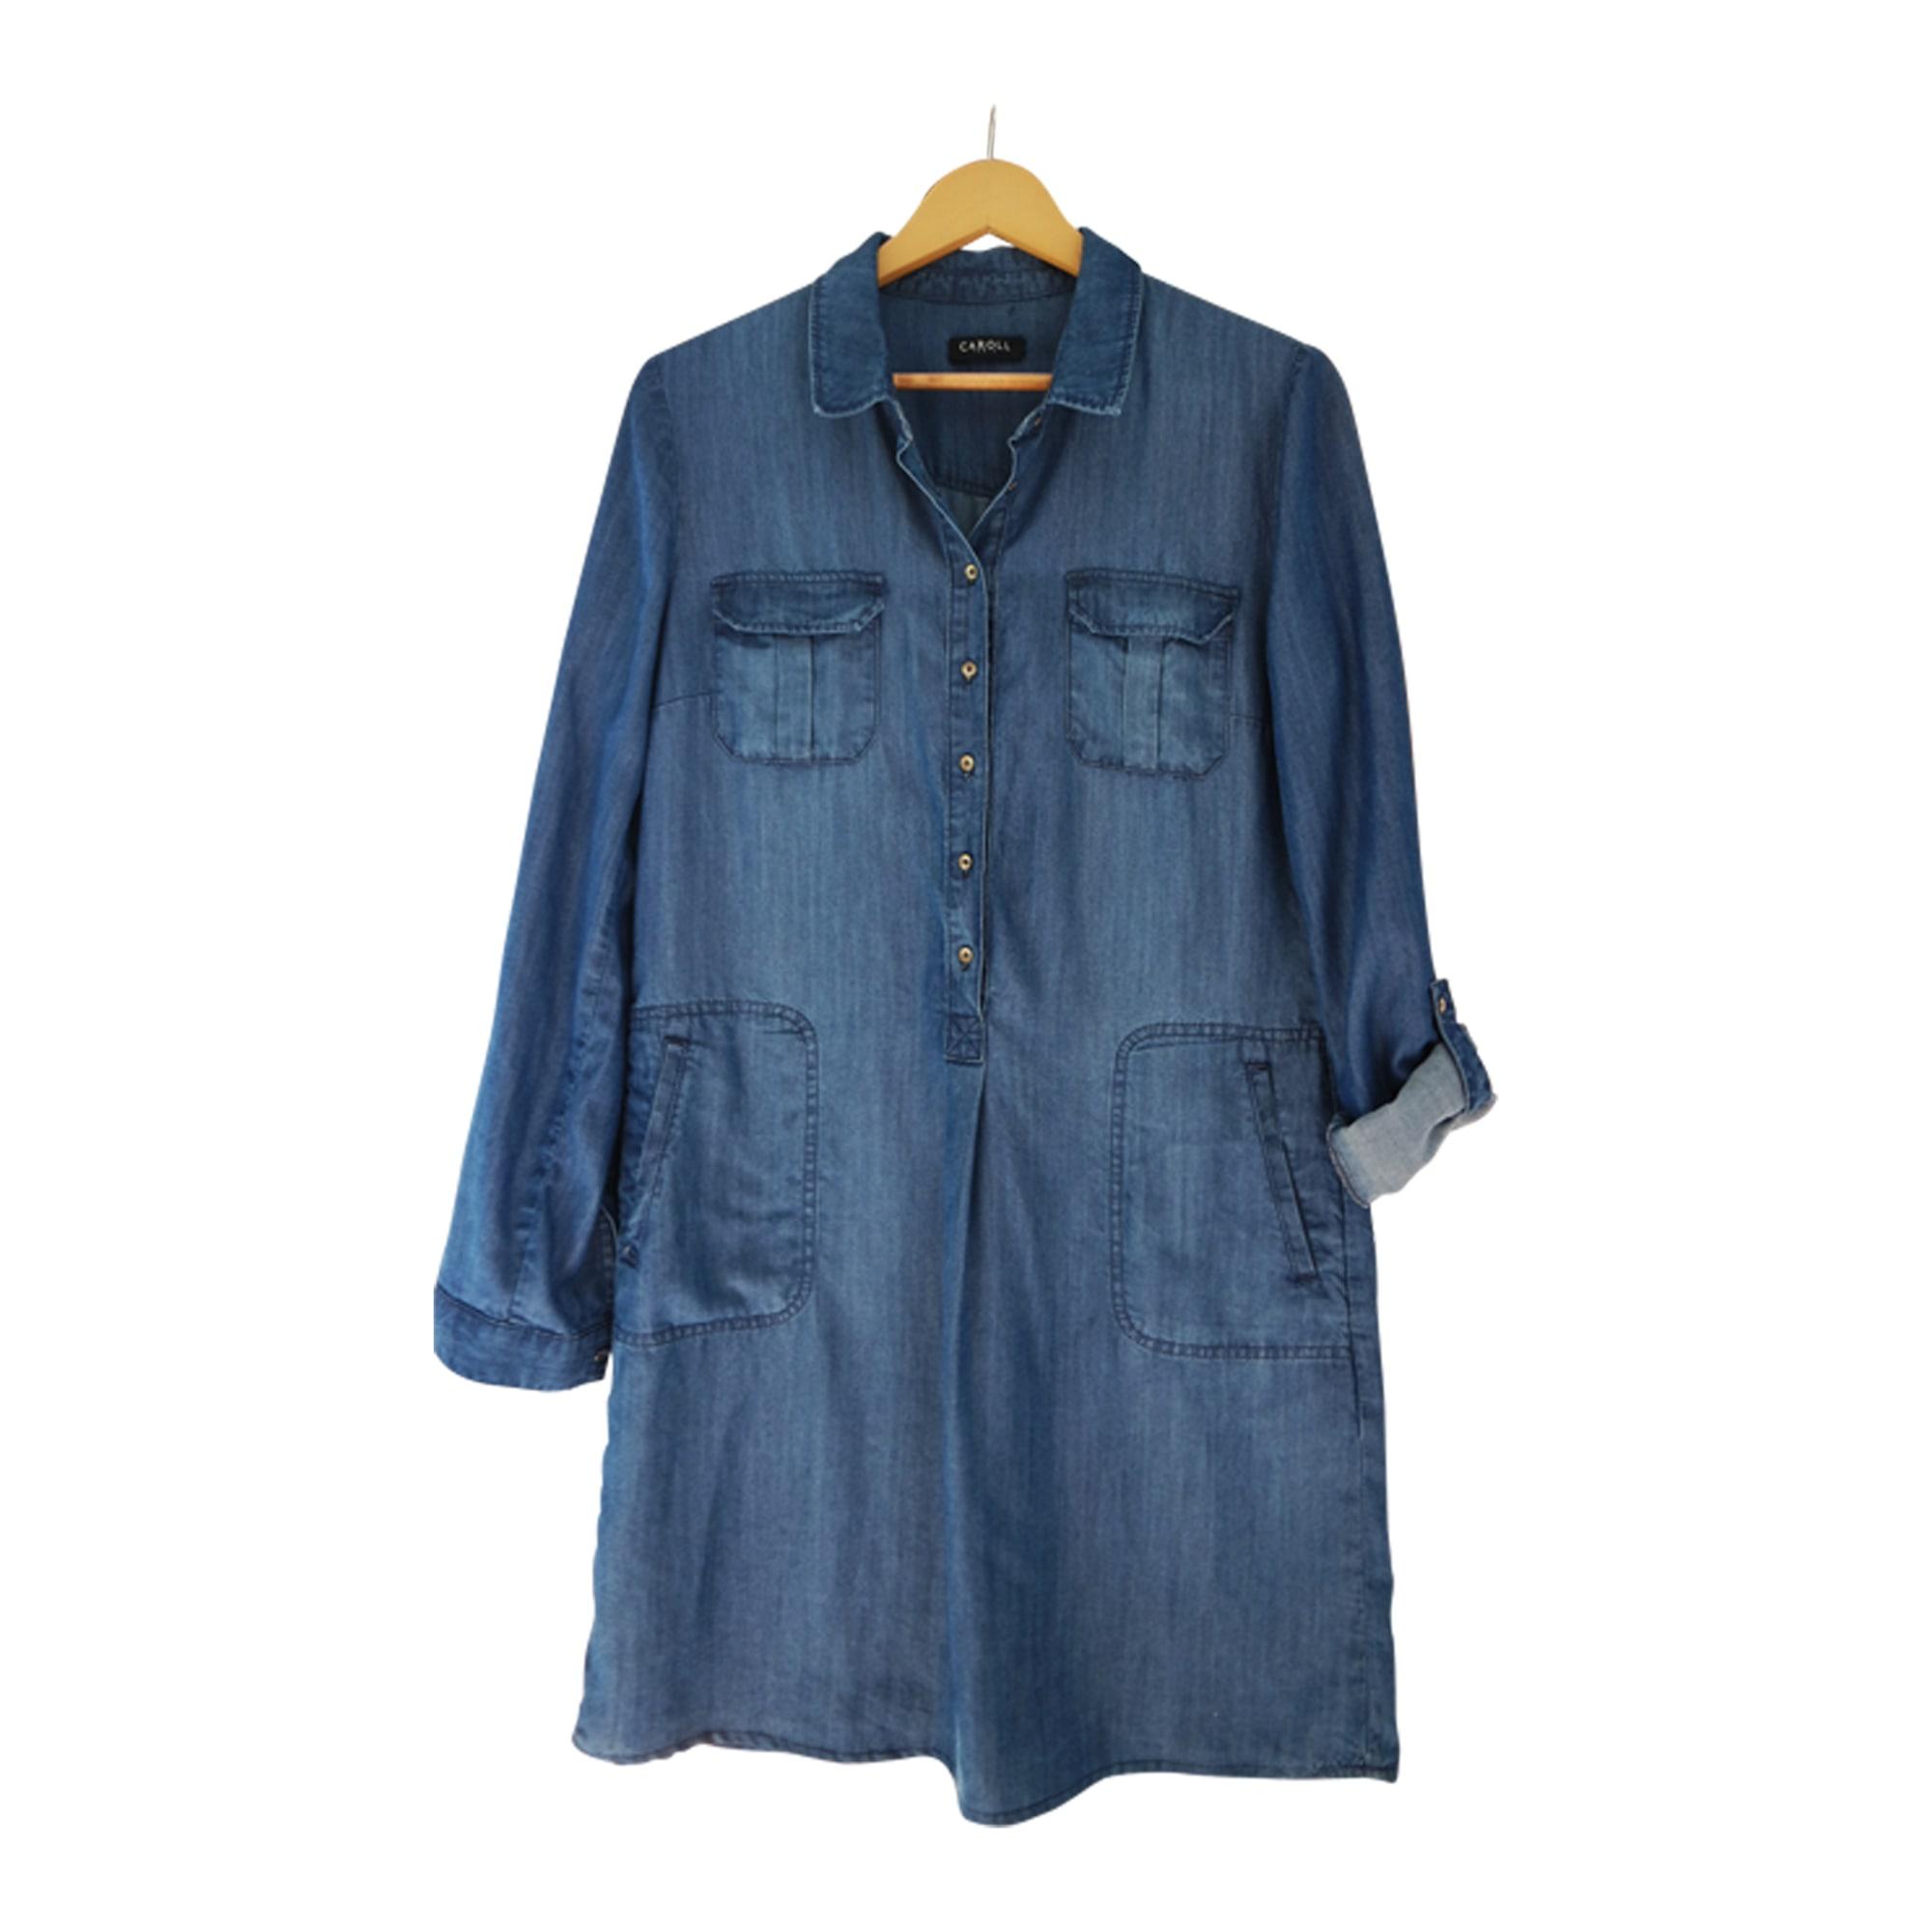 8a68c8a13436 Robe en jeans CAROLL 40 (L, T3) bleu vendu par Sylvie 15112604 - 7424190